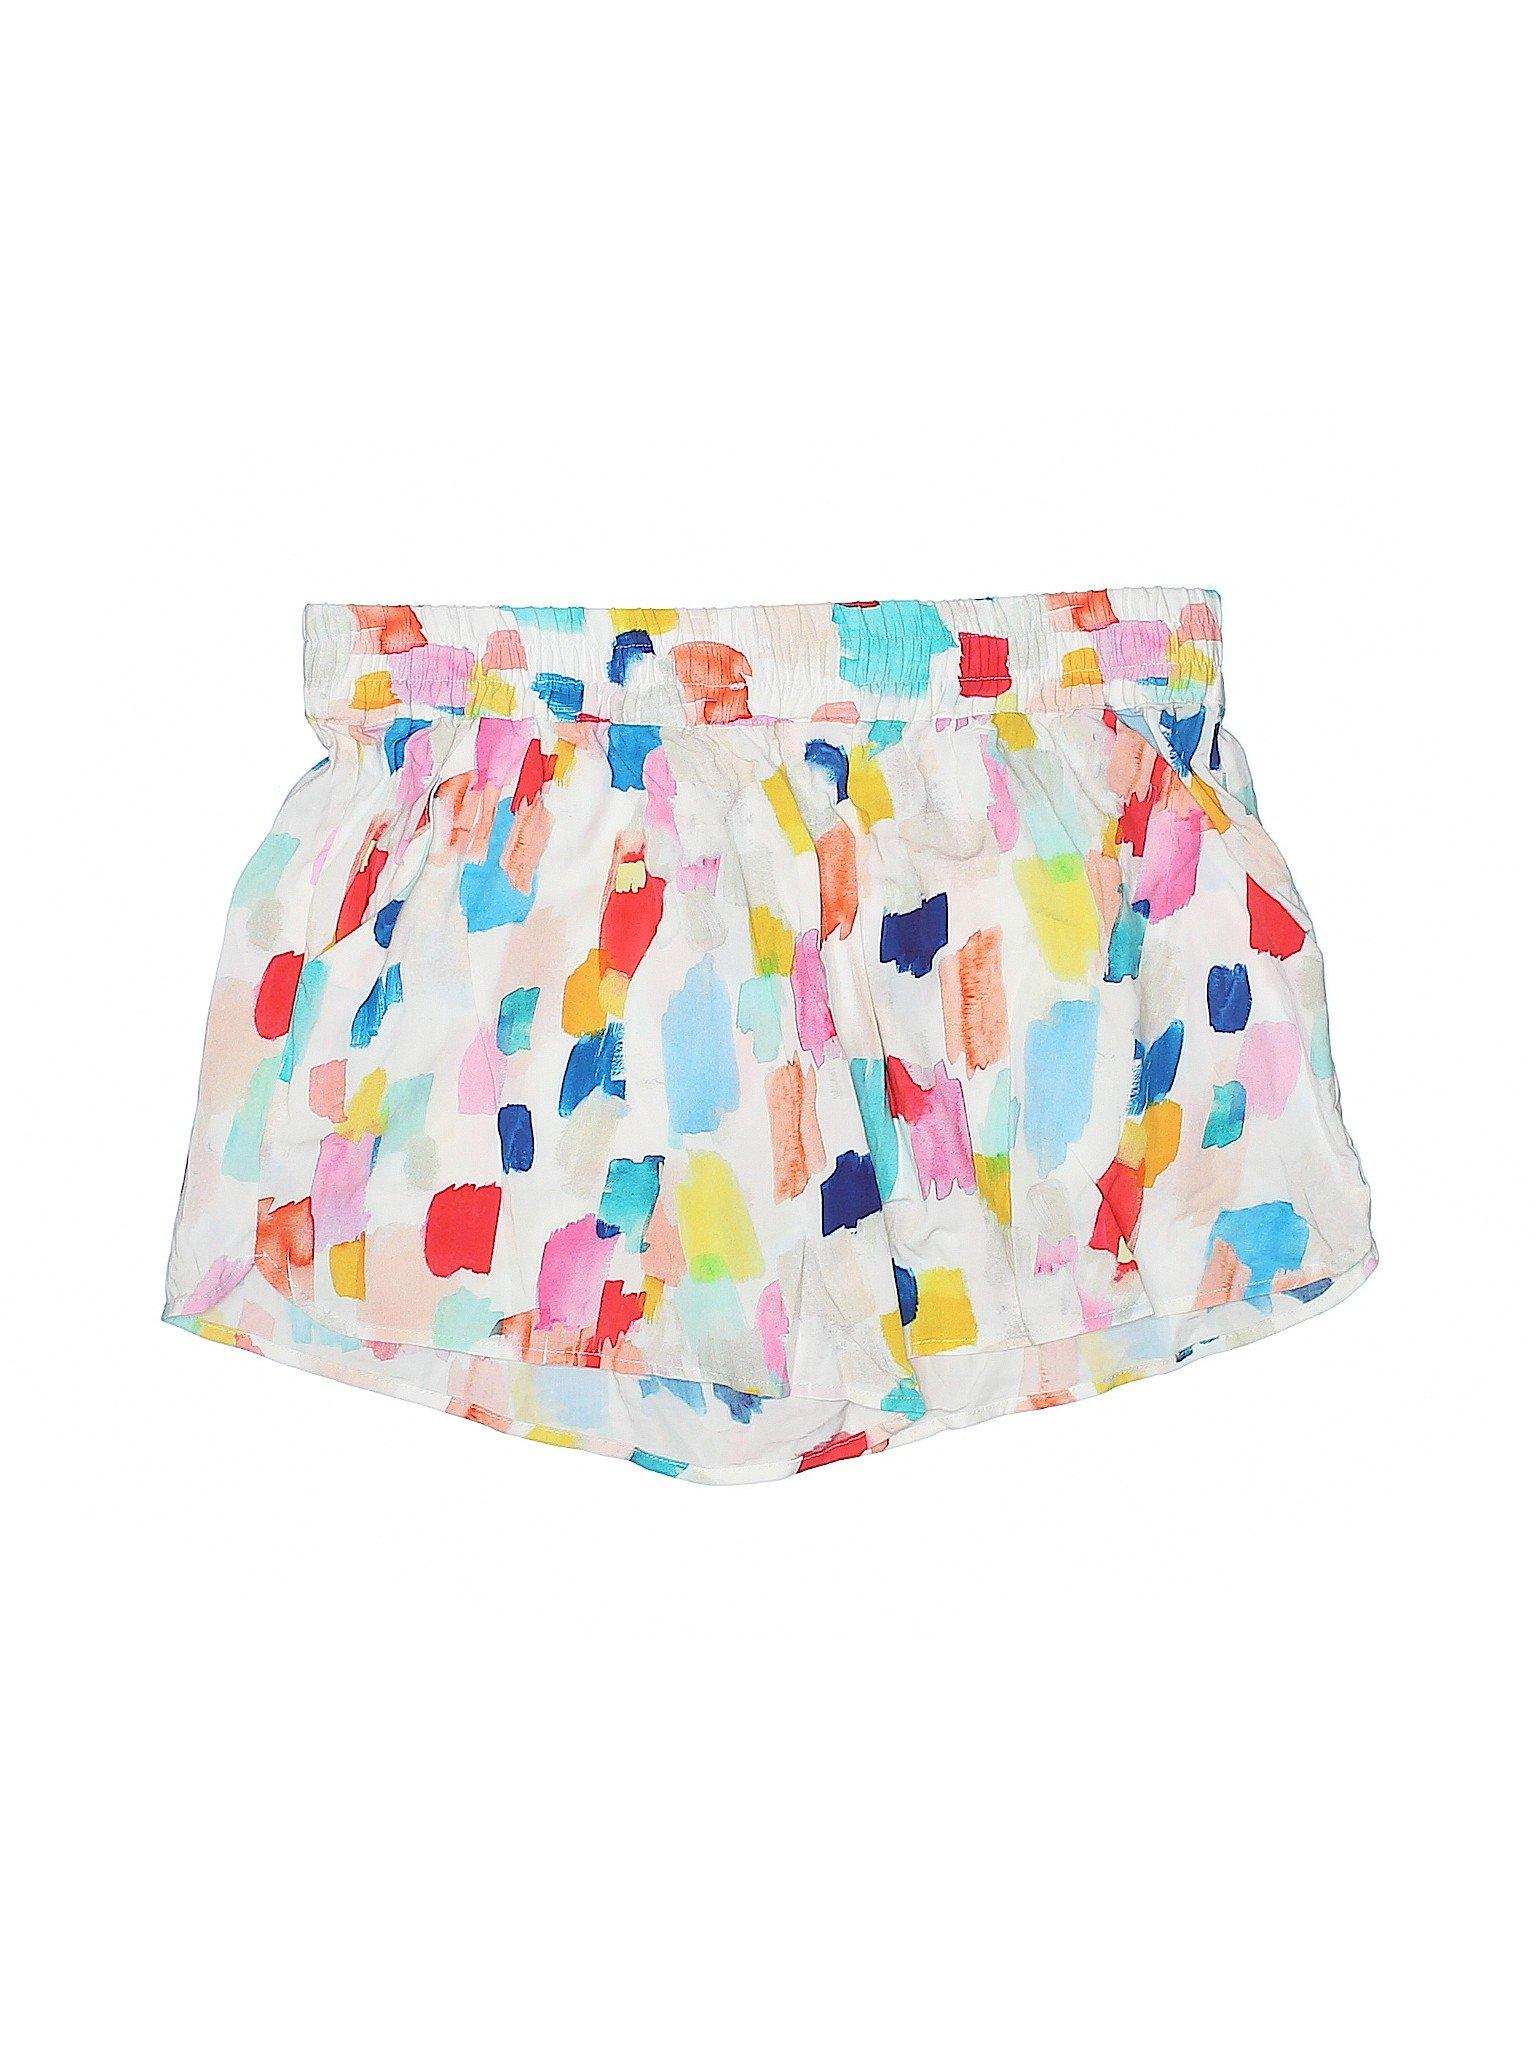 Boutique Boutique Layer Shorts Layer Boutique Shorts Marine Boutique Marine Marine Layer Shorts Layer Marine qz8xxTw5